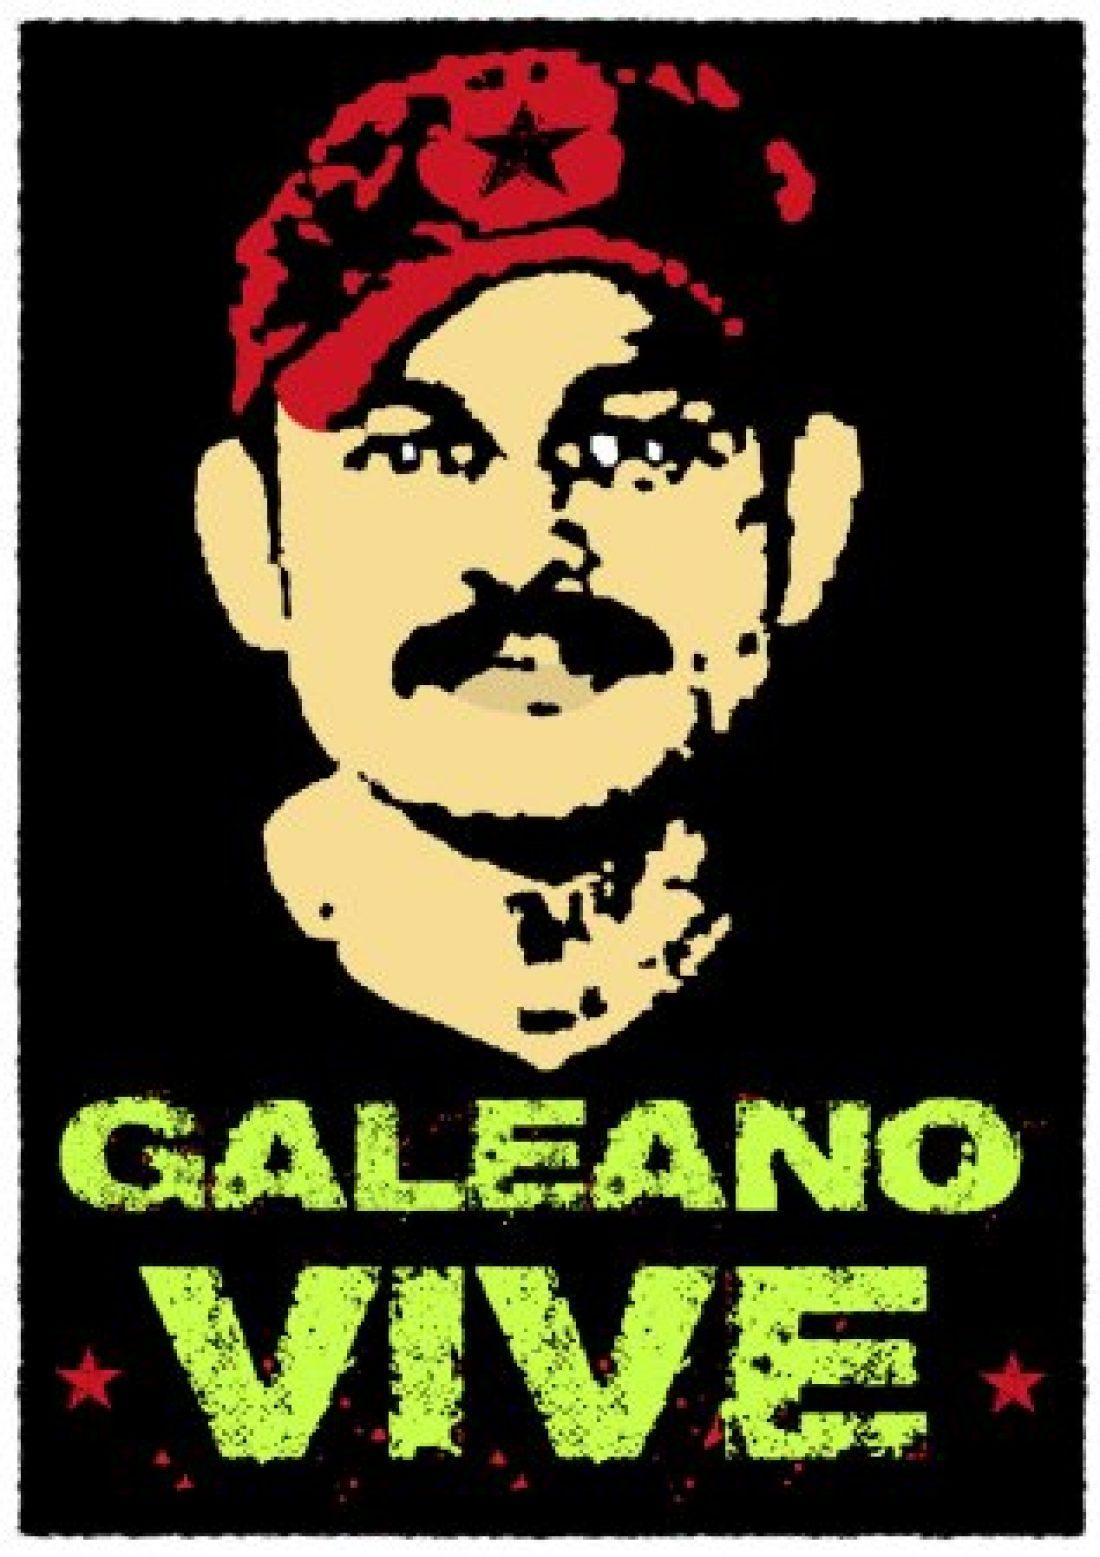 CGT junto con otras organizaciones exige justicia para Galeano y el fin de la guerra a las Comunidades Zapatistas